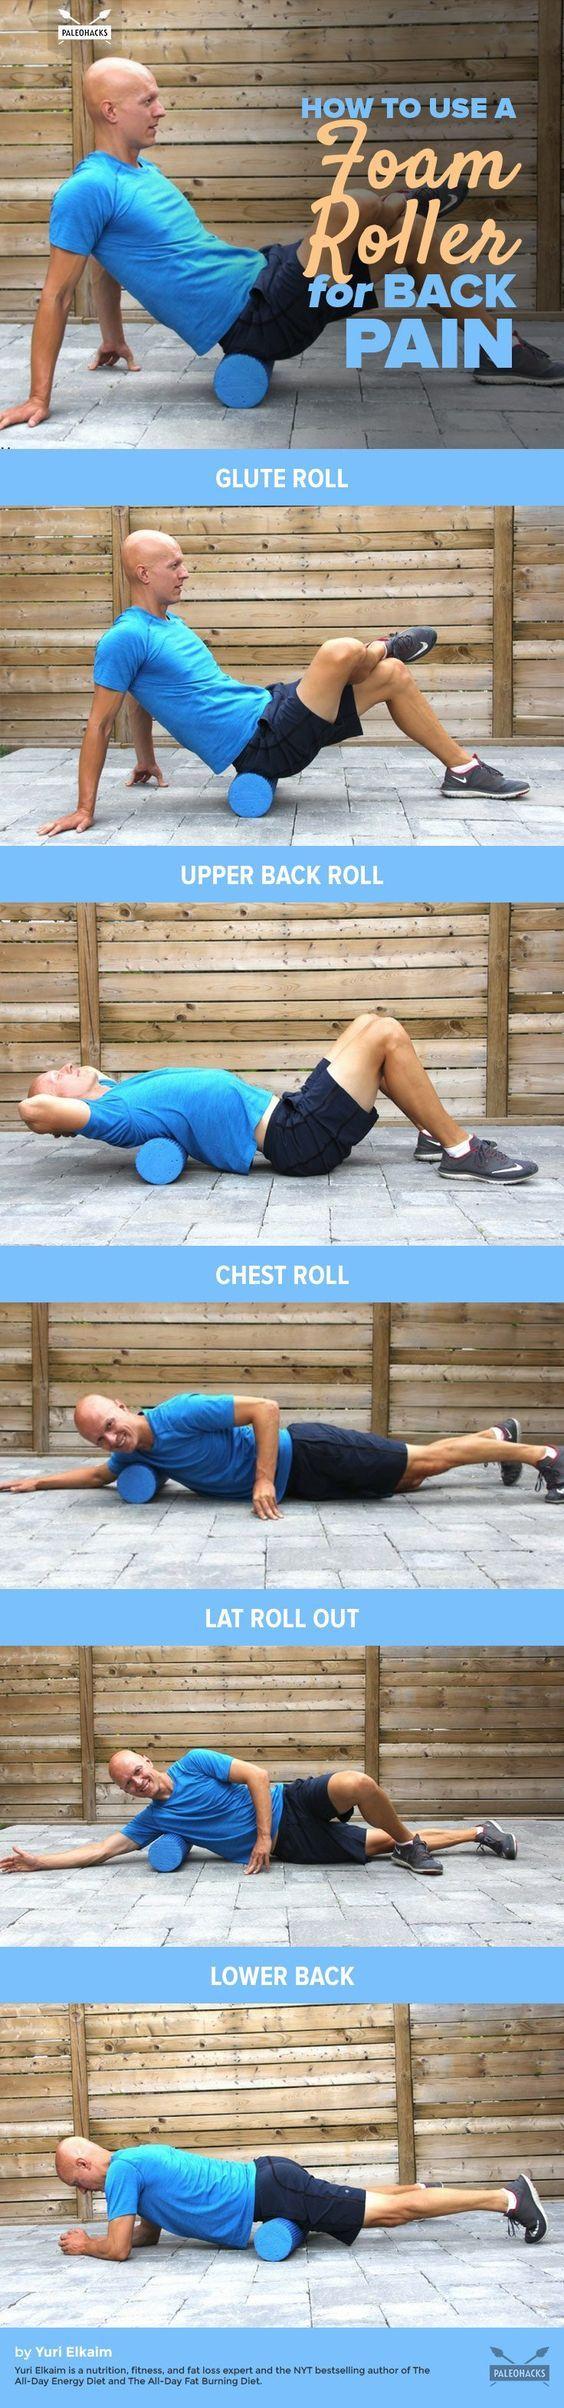 foam roller exercises for back pain